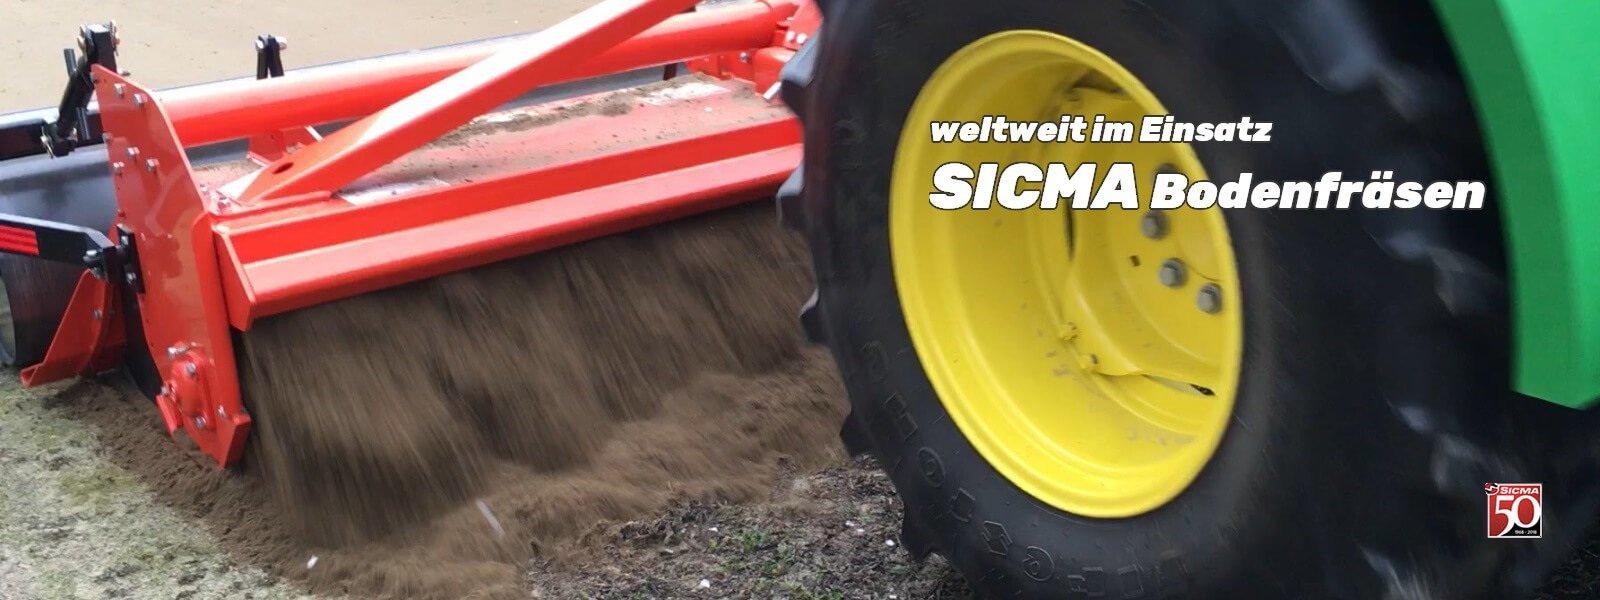 SICMA Bodenfräsen